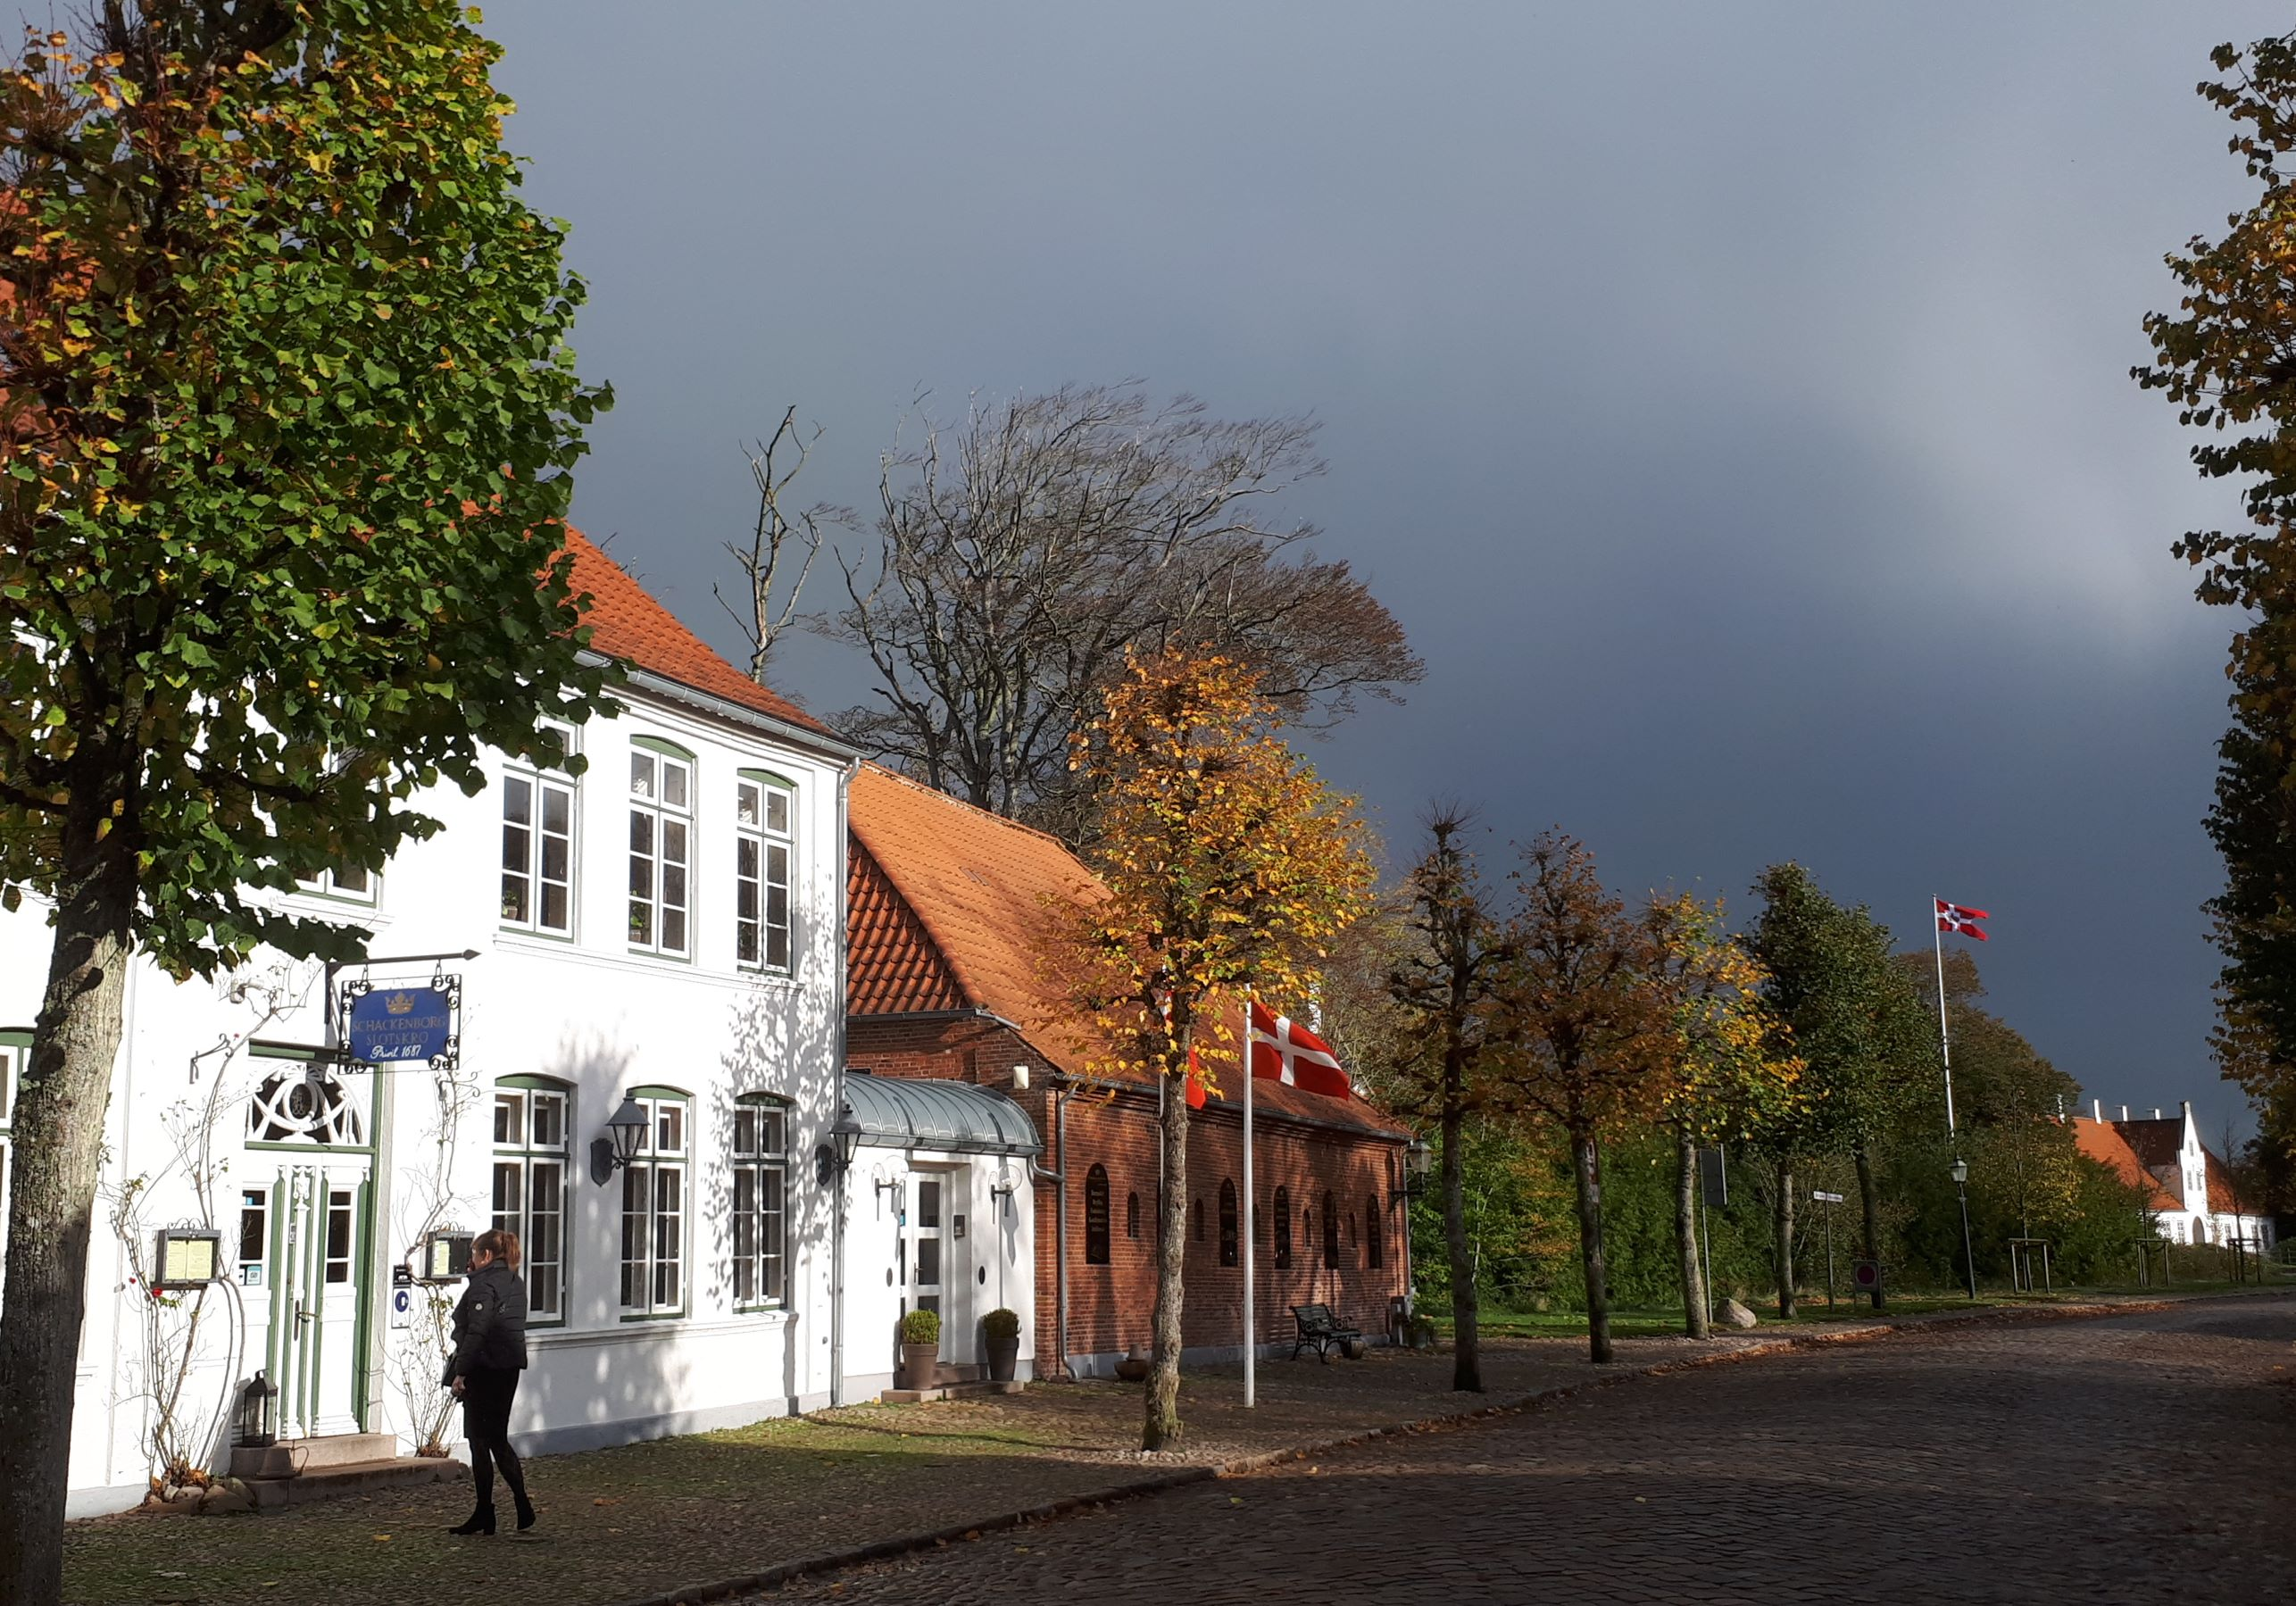 Tyskland, Norge og Sverige er de tre største leverandører af udenlandske turister i Danmark. Her er det Møgeltønder i det sønderjyske med blandt andet slottet Schackenborg. Foto: Henrik Baumgarten.